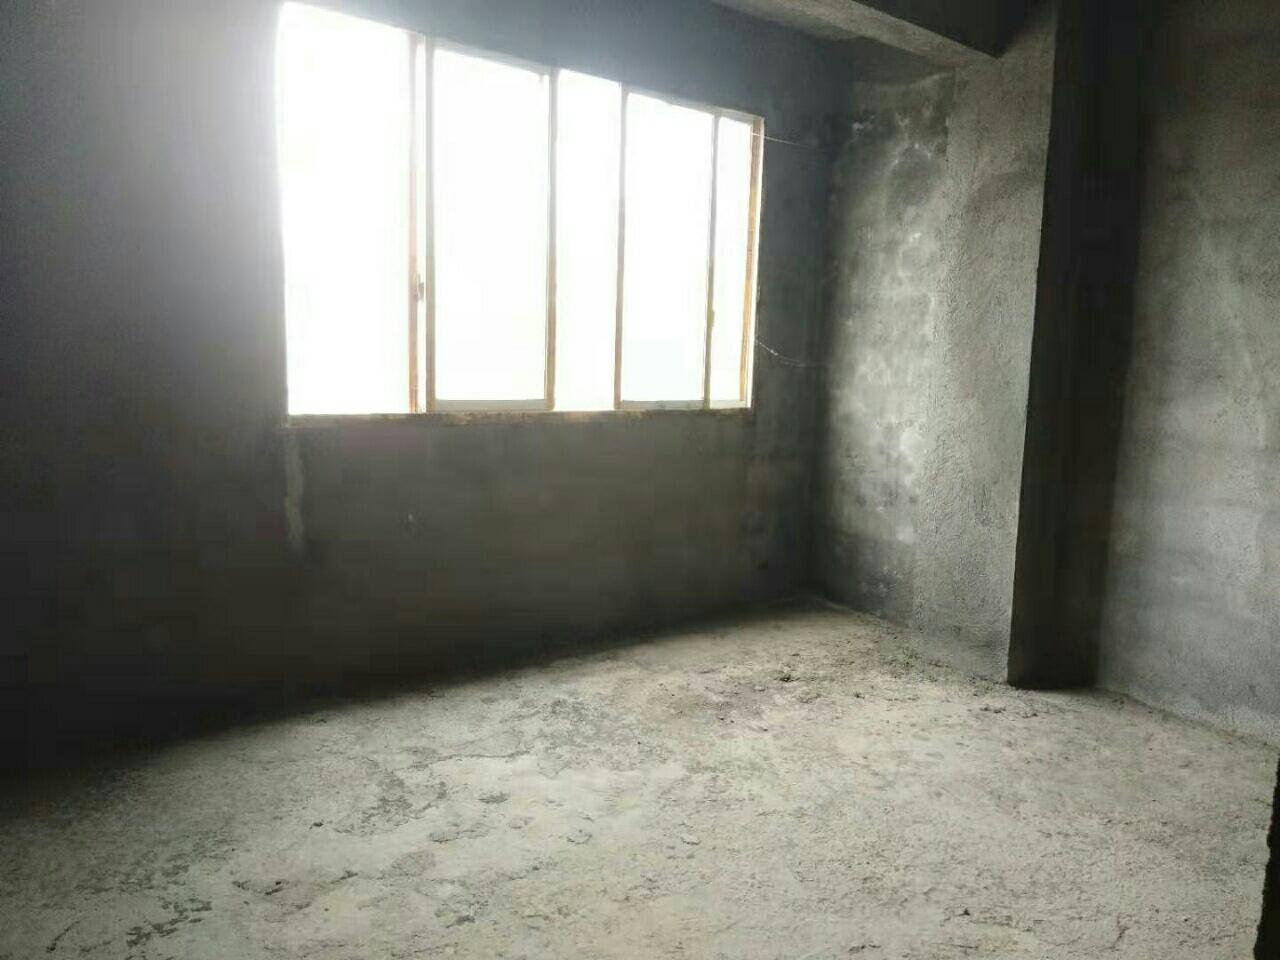 朝阳路电梯自建房出售3室 1厅 1卫34万元